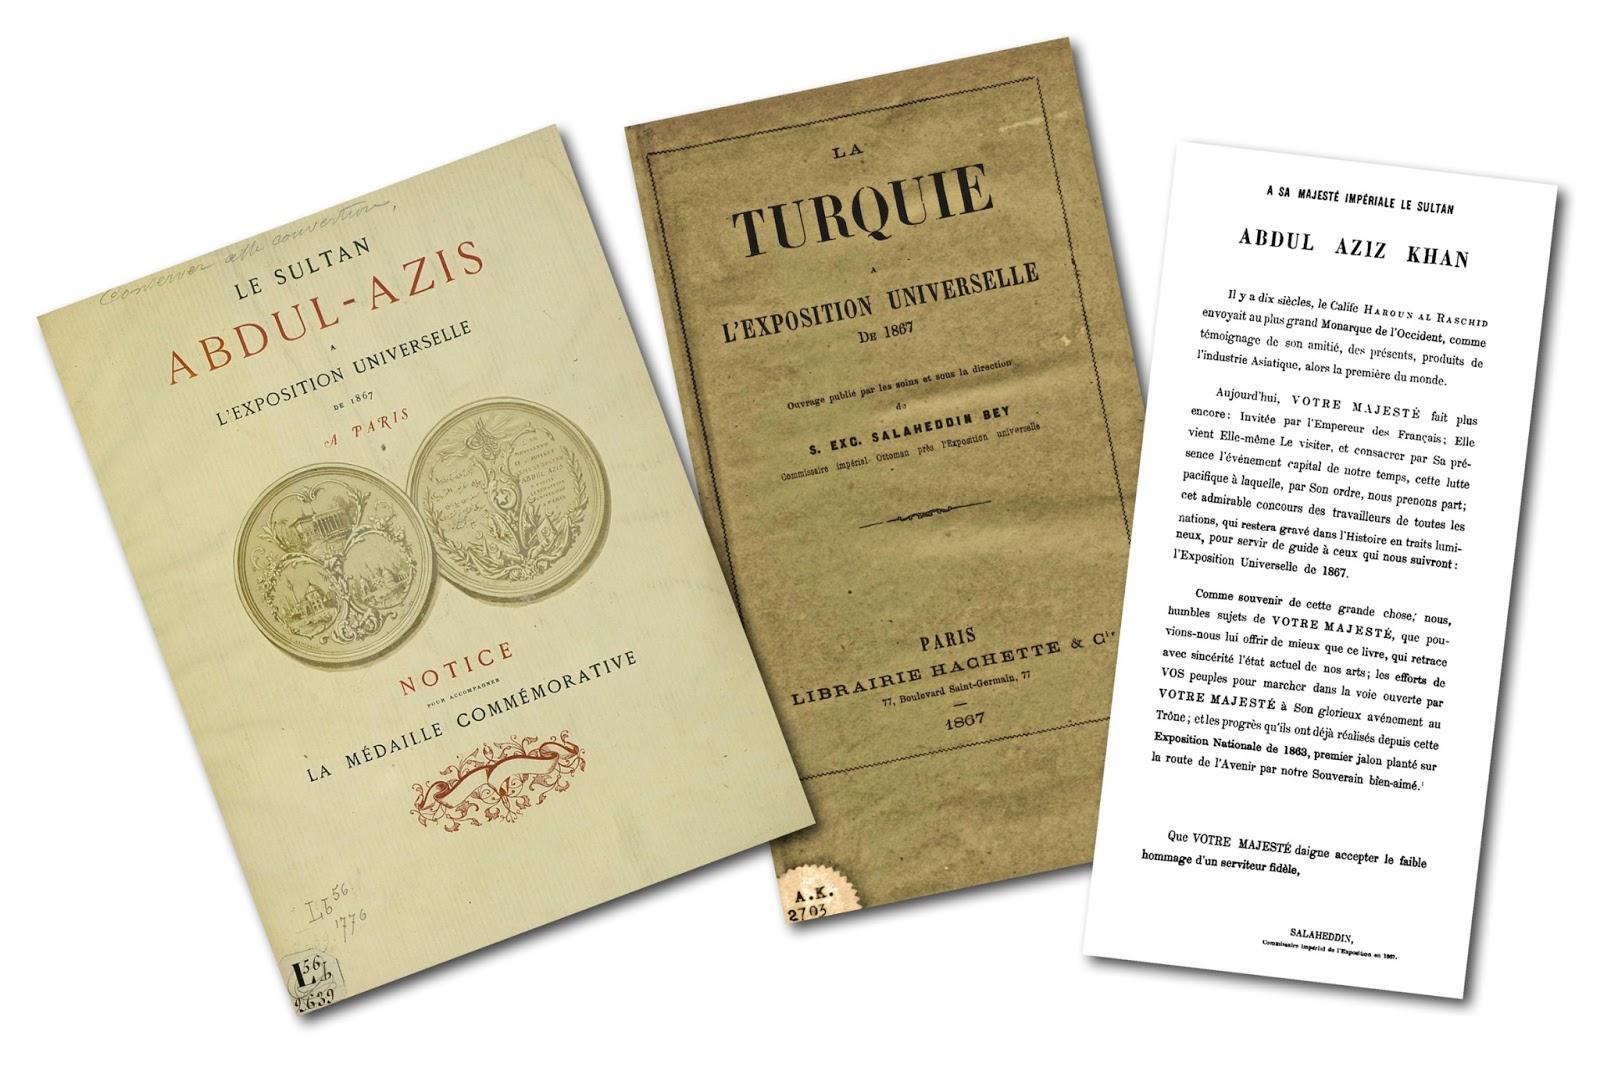 Paris Fuarı Sultan Abdülaziz Ve Osmanlı Tanıtımı 1867